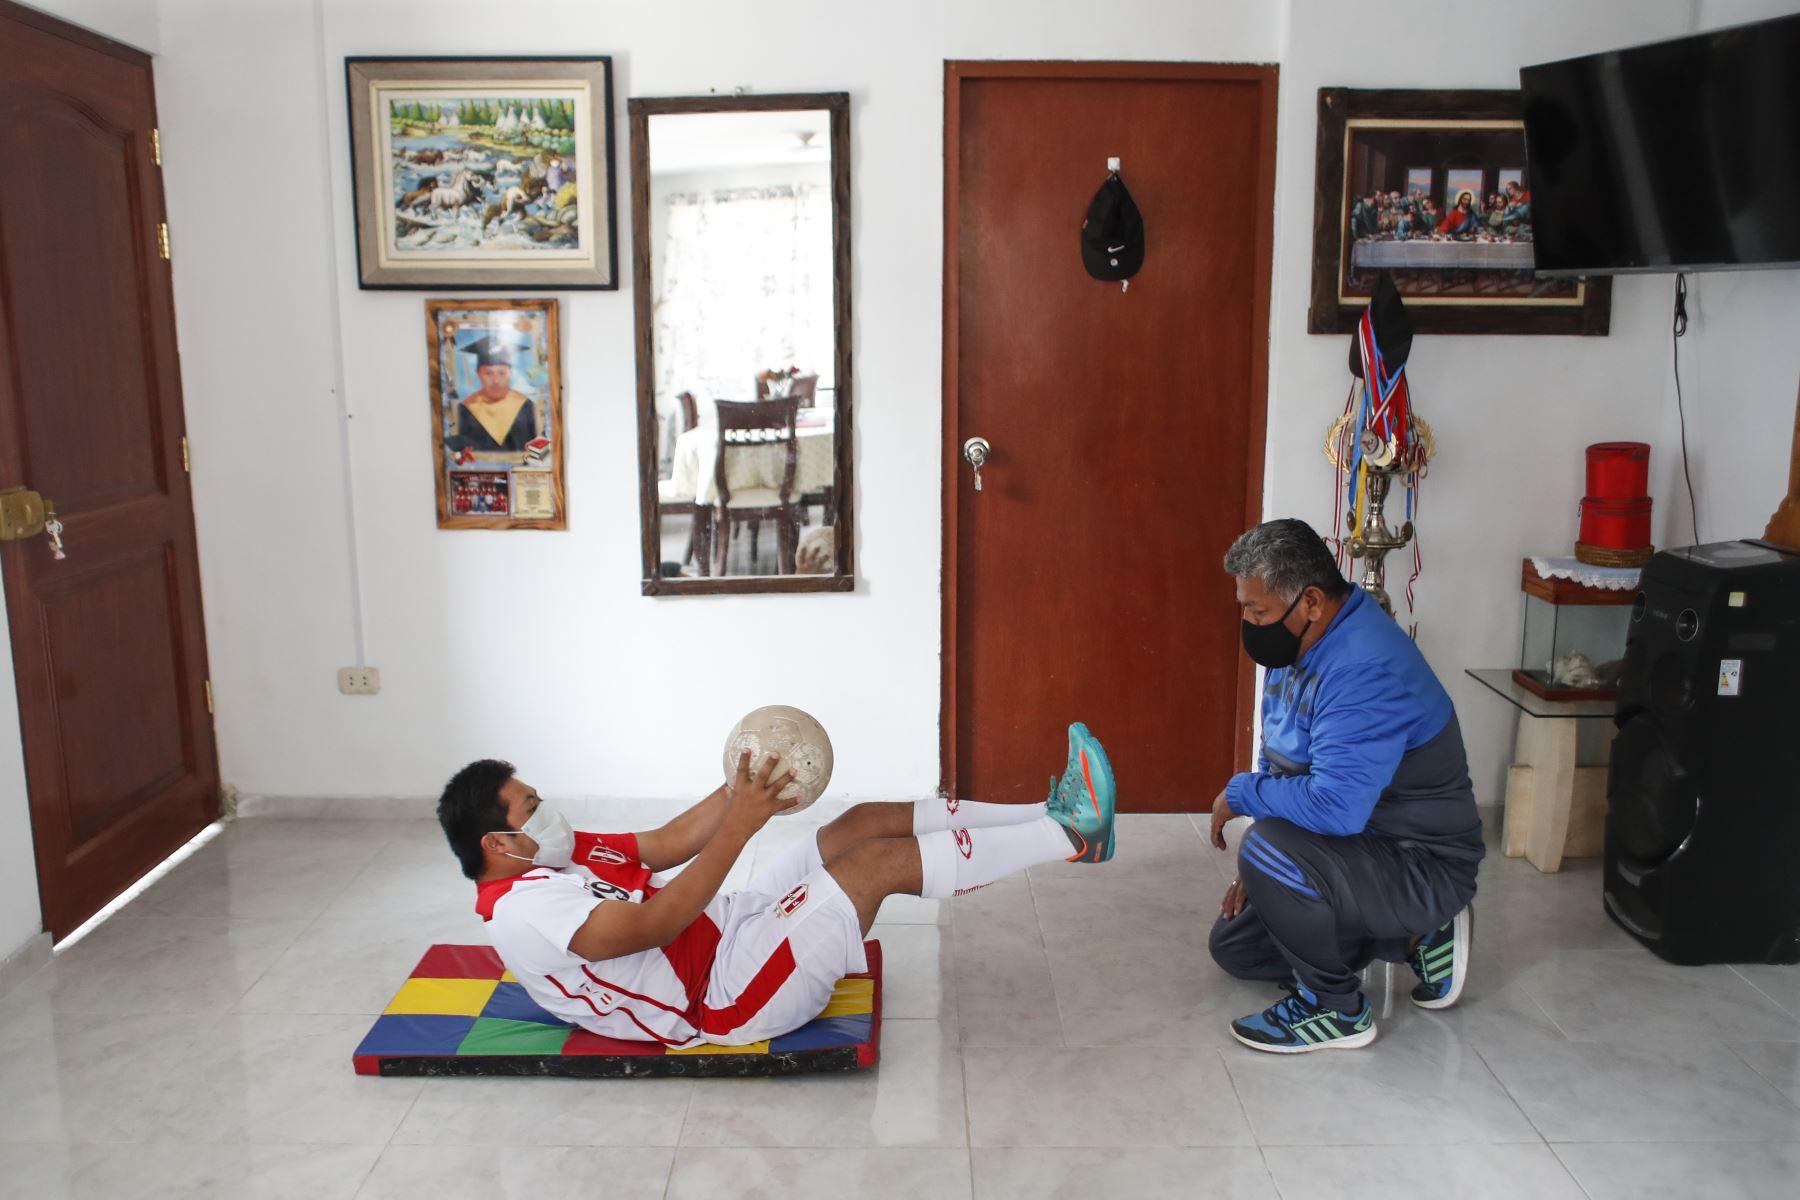 Pierre Espino entrena junto a su padre adaptándose al espacio de su vivienda. Foto: ANDINA/Renato Pajuelo